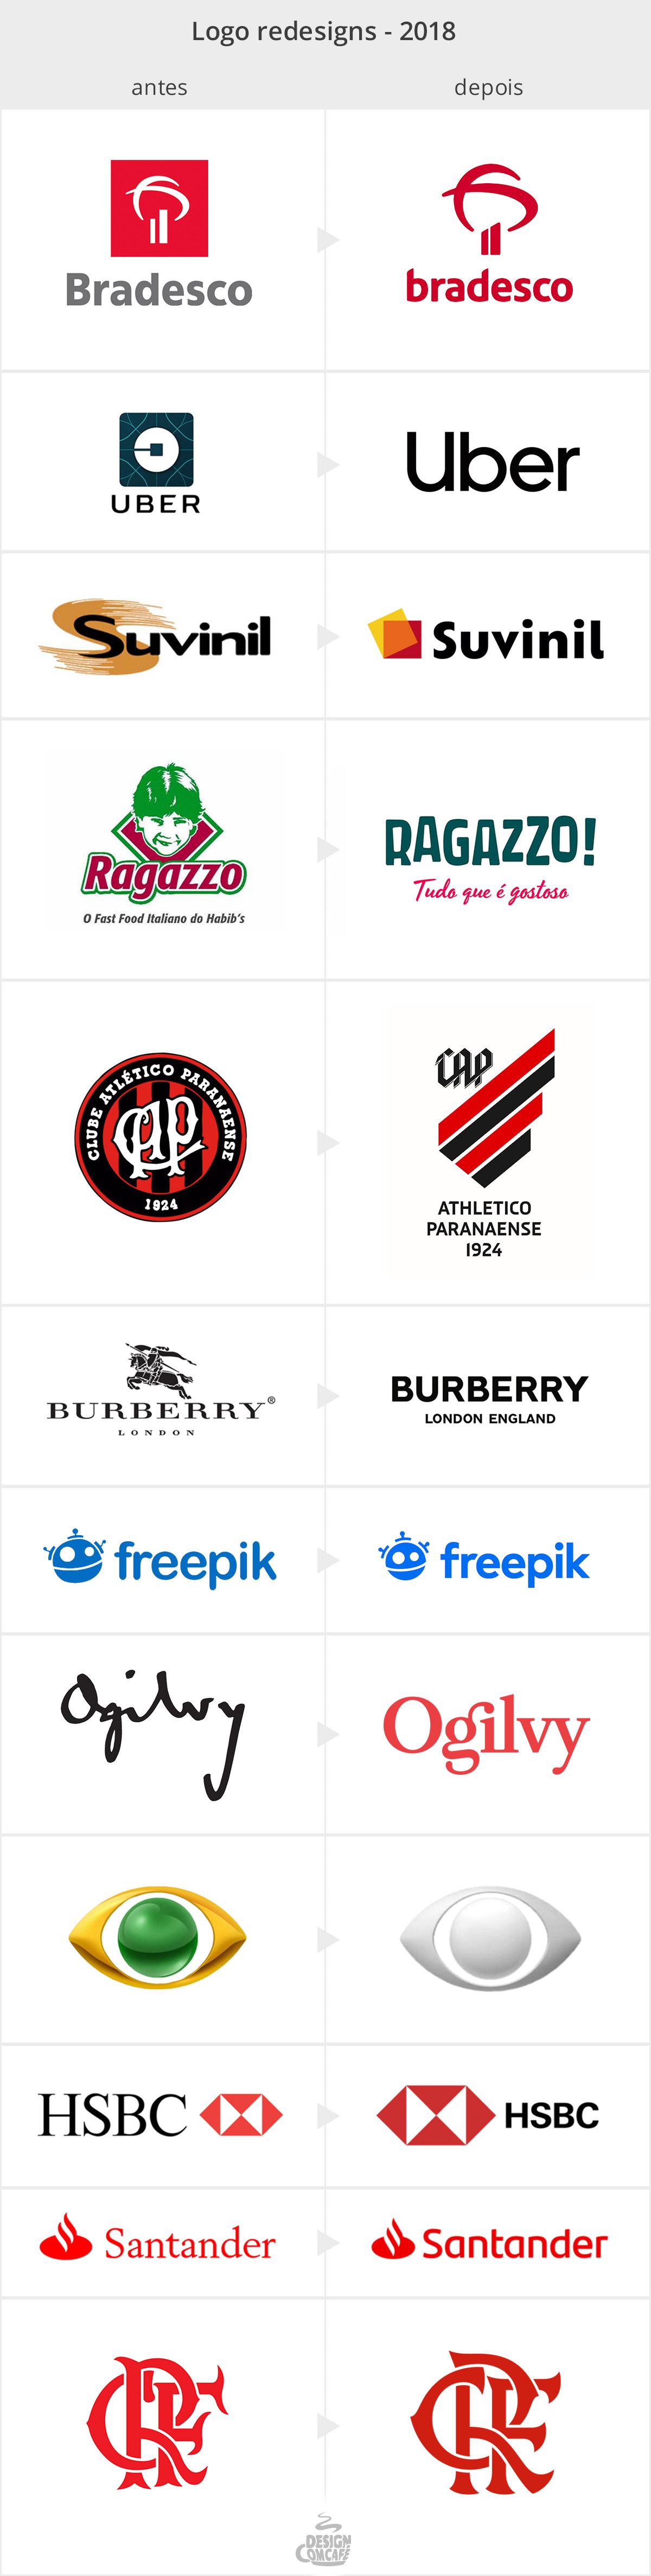 Tendências para logo design - redesigns 2018